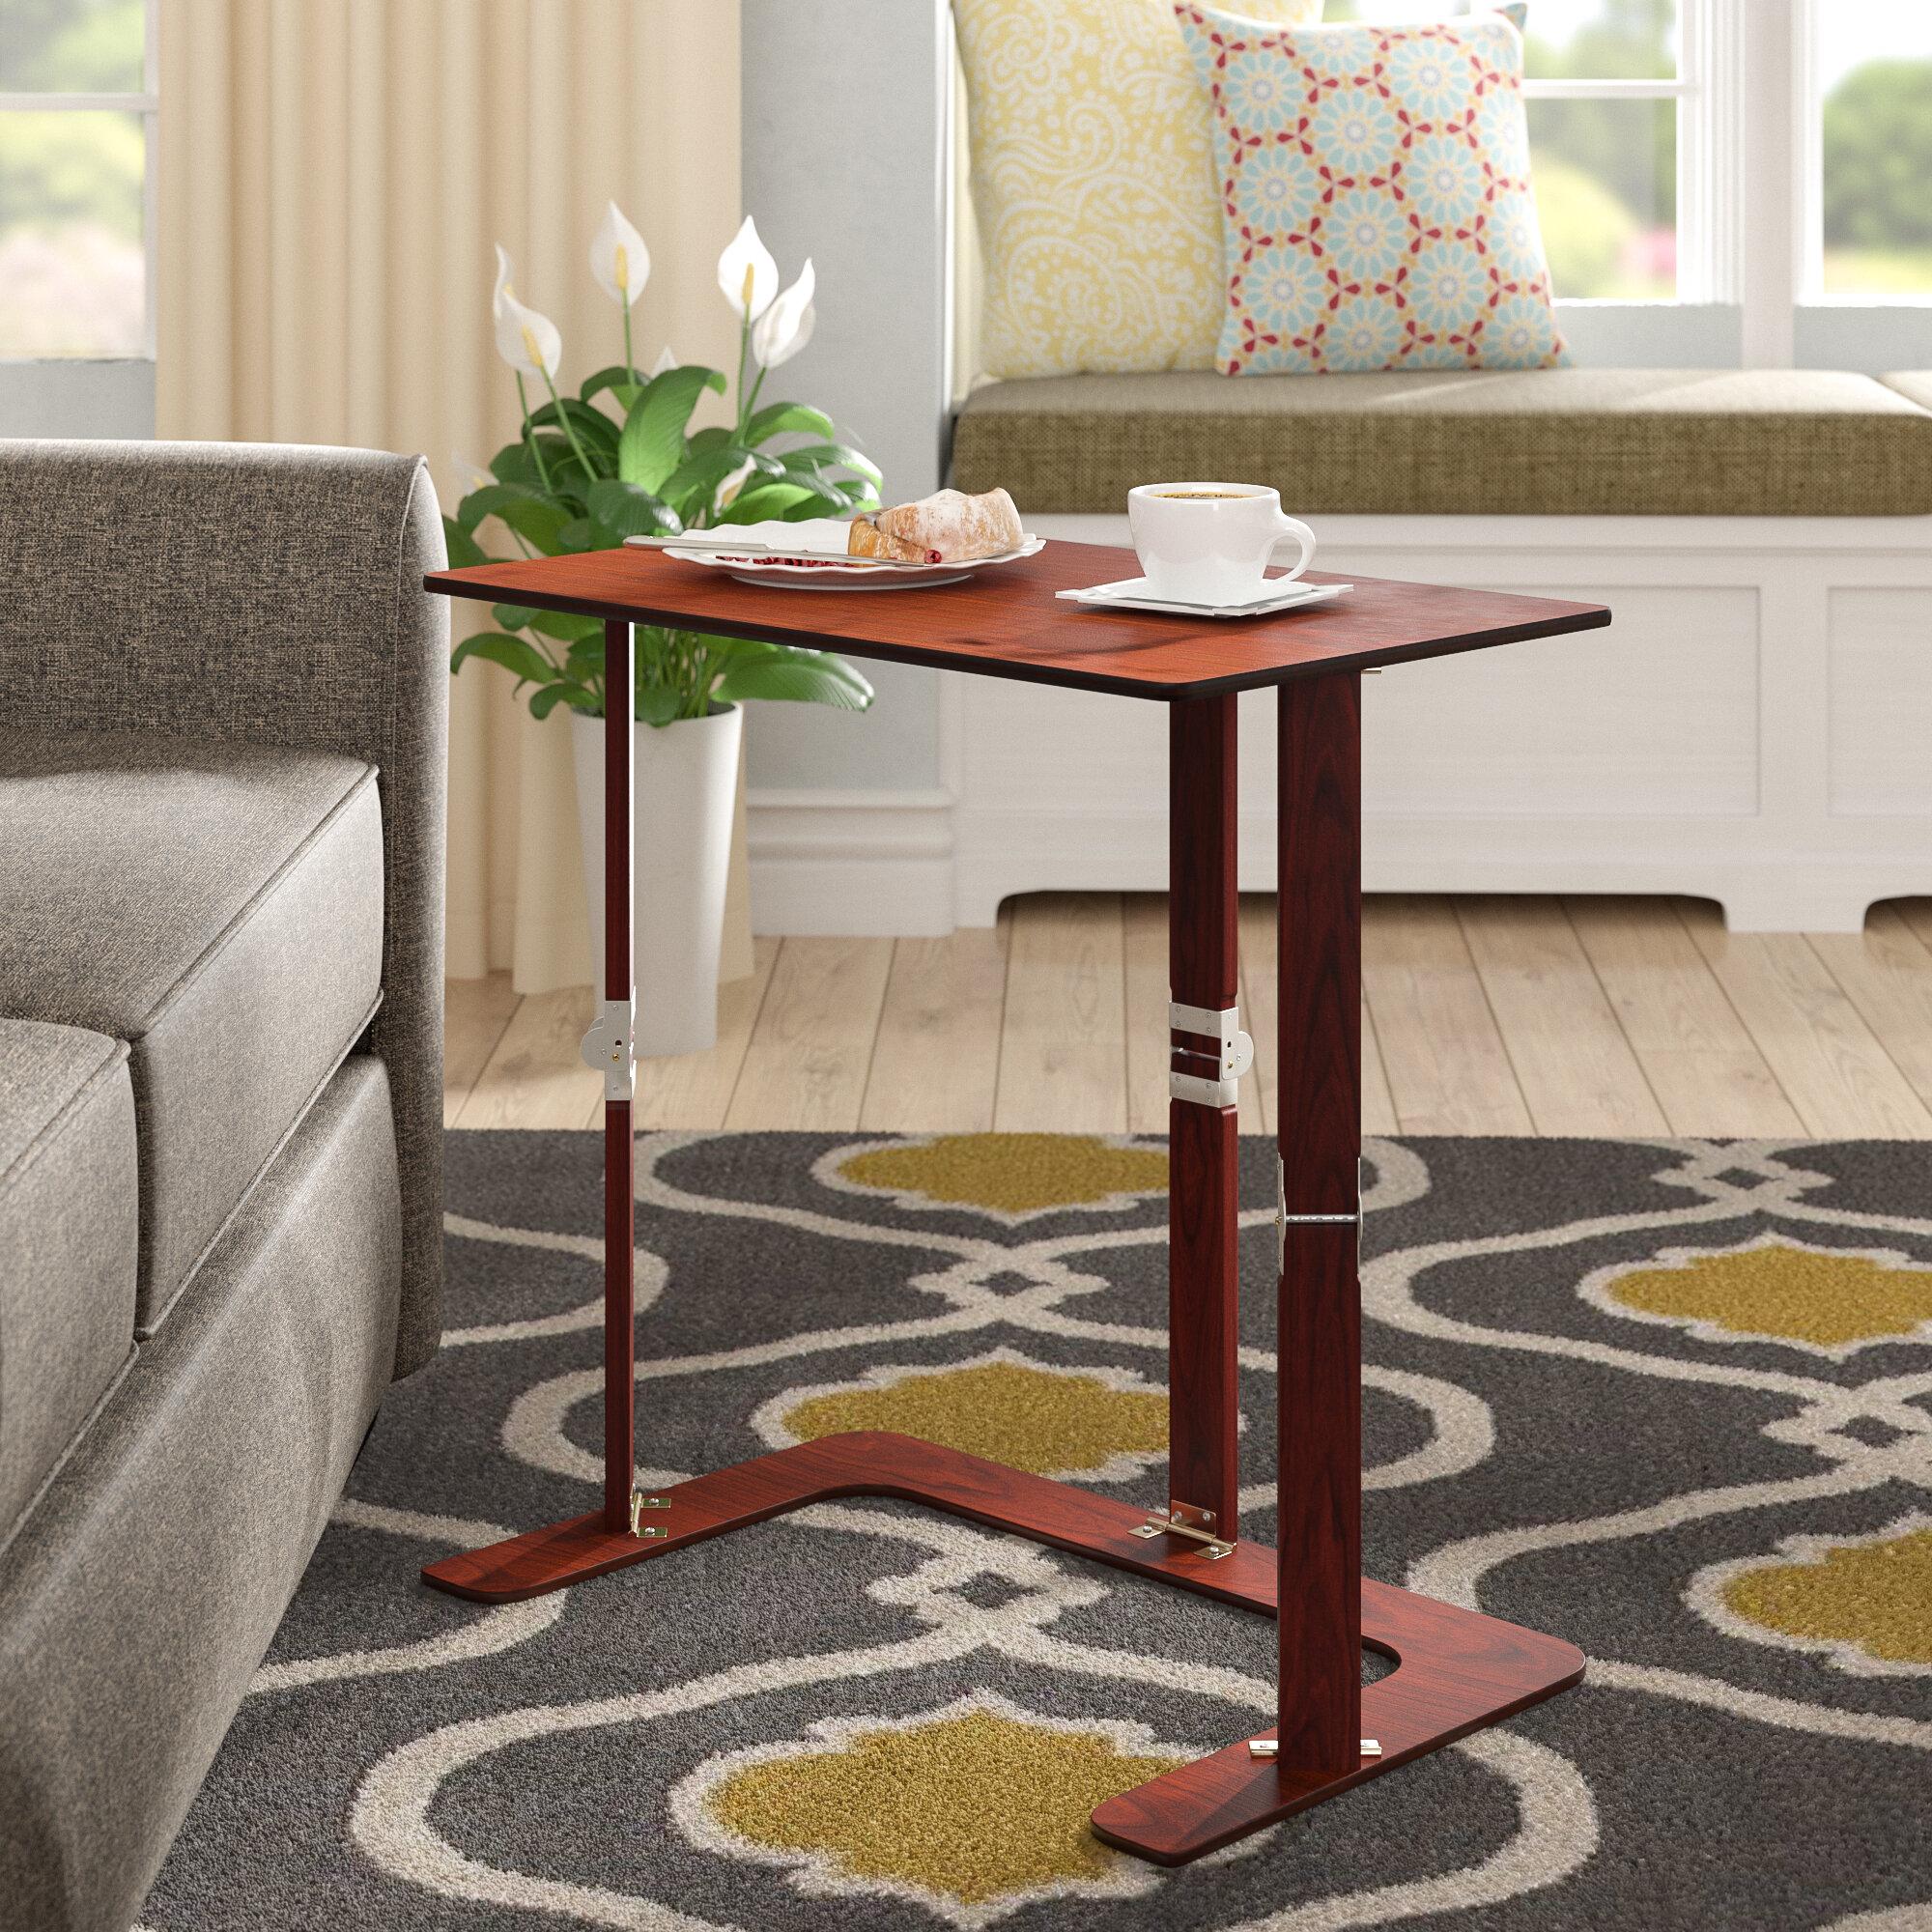 Remarkable Alpharetta Portable Folding Couch Tray Table Short Links Chair Design For Home Short Linksinfo